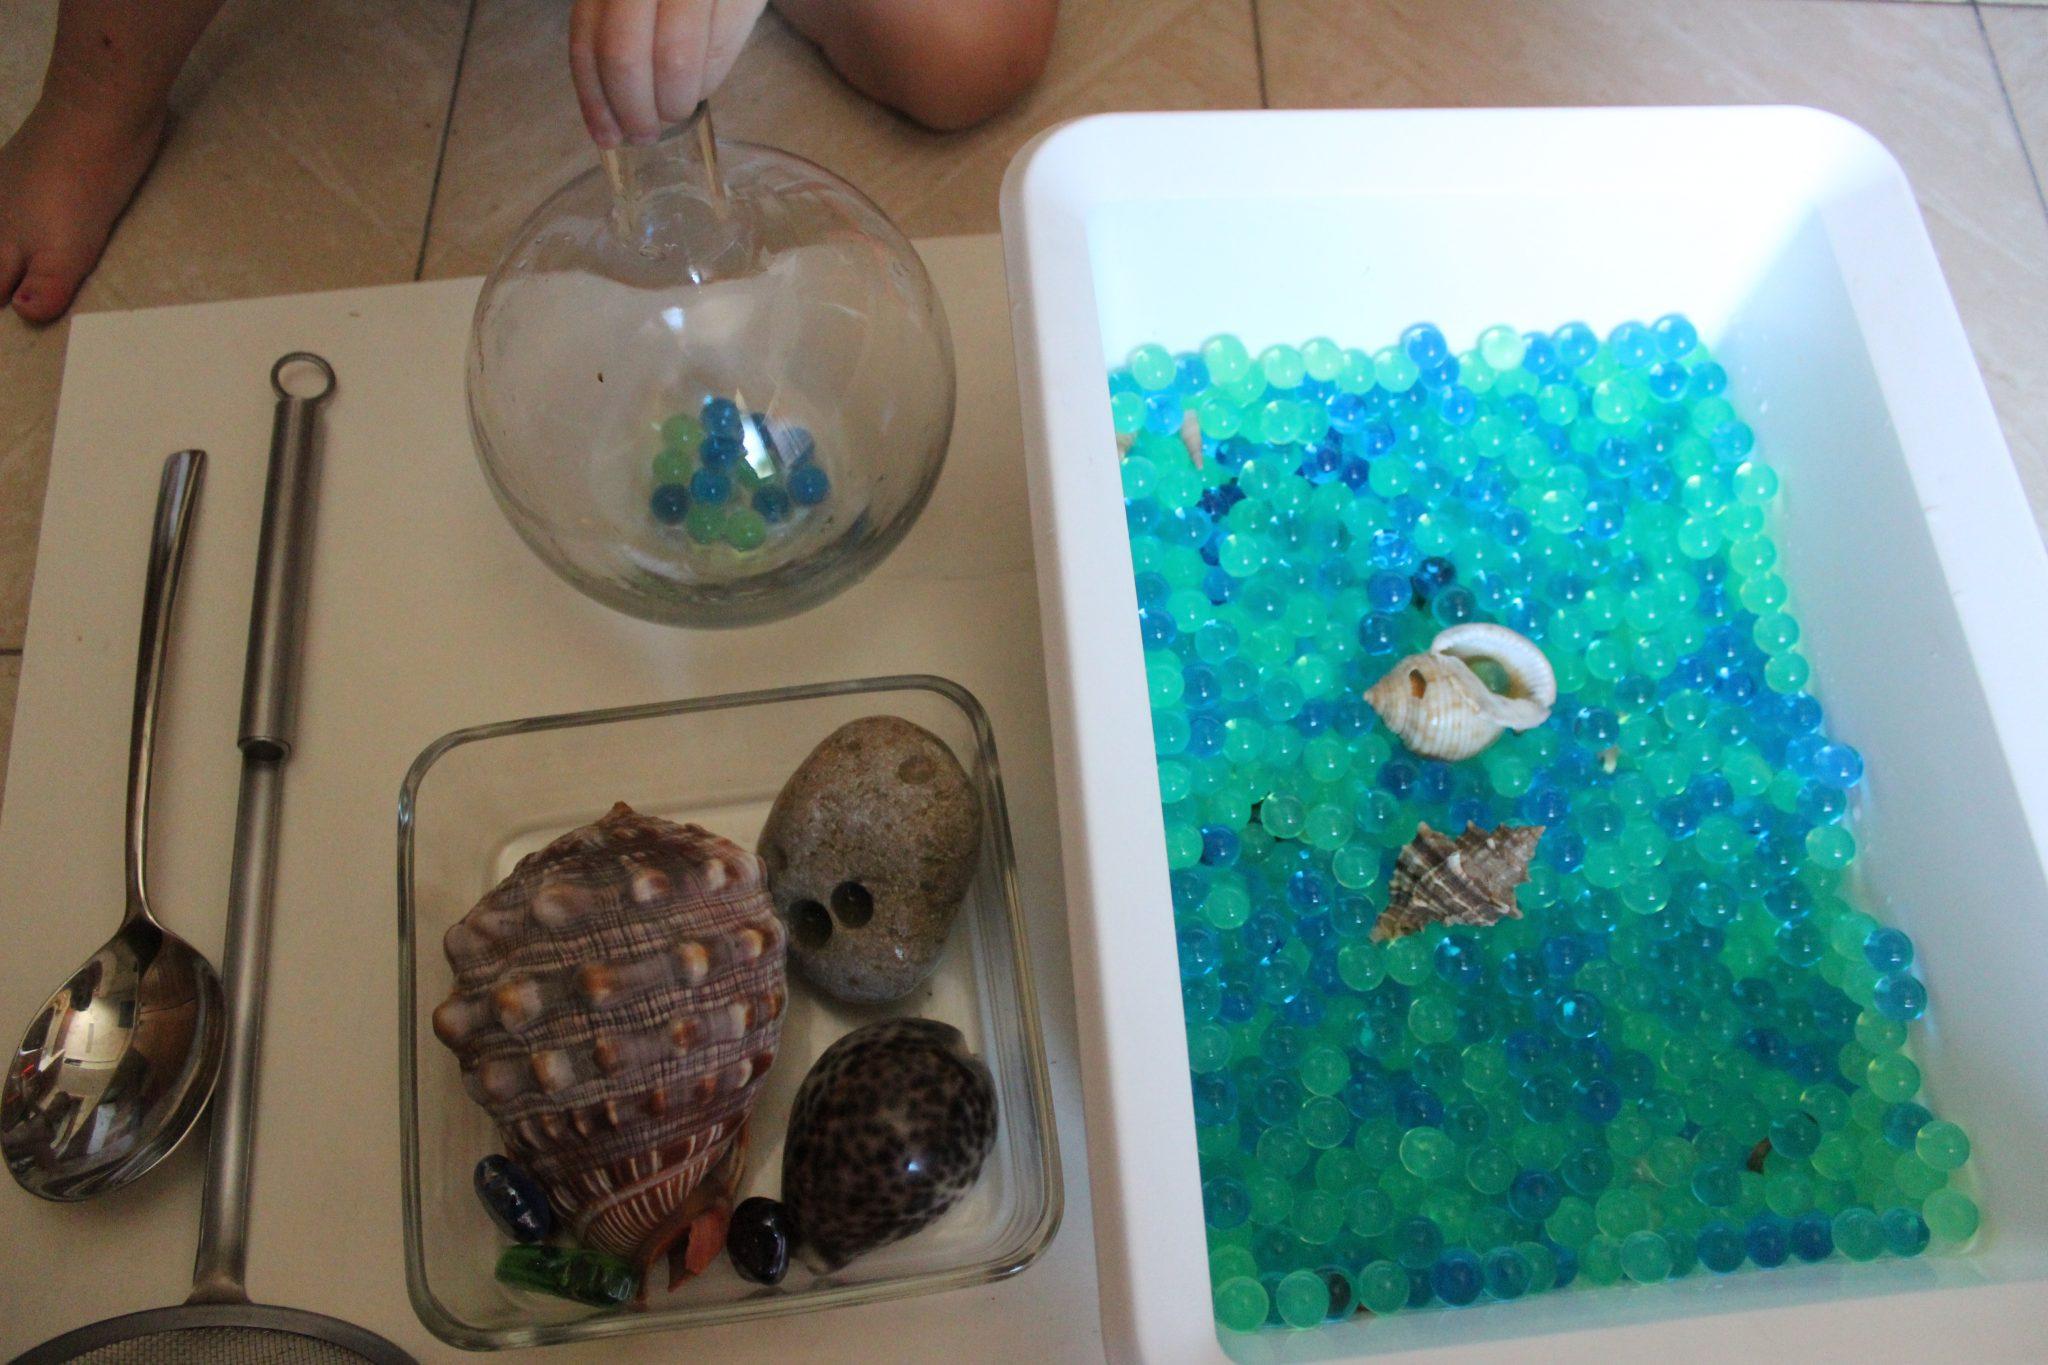 mama extraterrestre mini mundo caja sensorial perlas agua bolitas gel 1a30a9e7e961